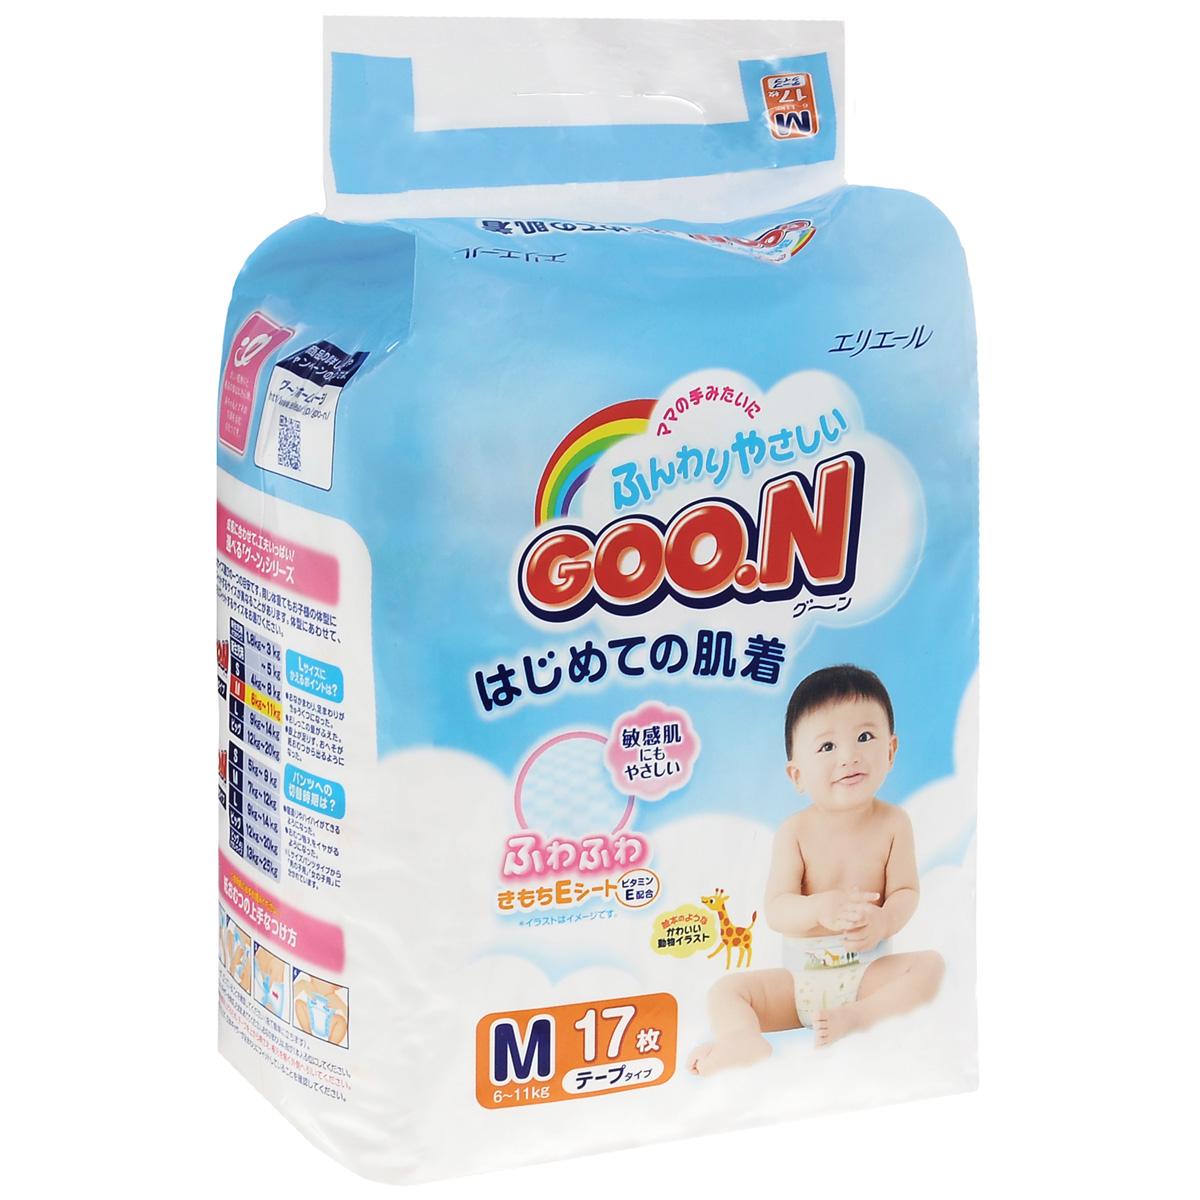 GOON Подгузники M, 6-11 кг, 17 шт753632Японские подгузники Goon изготавливаются только из высококачественных экологически чистых материалов, прошедших специальную обработку, и соответствуют всем санитарно-эпидемиологическим нормам. Невероятно мягкие и нежные подгузники моментально впитывают влагу и долго удерживают её внутри. Содержат натуральный витамин Е, который питает кожу и повышает её защитные функции. Подгузники прекрасно пропускают воздух, предотвращая появление опрелостей. Особенности: Нежно касаются кожи и сидят как обычное бельё. Подходит для чувствительной кожи. 3D рельеф сокращает площадь подгузника, которая касается кожи малыша, исключая опрелости. Жидкий стул впитывается в углубления. Содержит витамин Е. Нежное касание, благодаря воздуху, который задерживается между слоями. Без протеканий на спинке, благодаря резинке на поясе подгузник плотно прилегает. Дышащий внешний слой. Микропоры внешнего слоя пропускают воздух к...